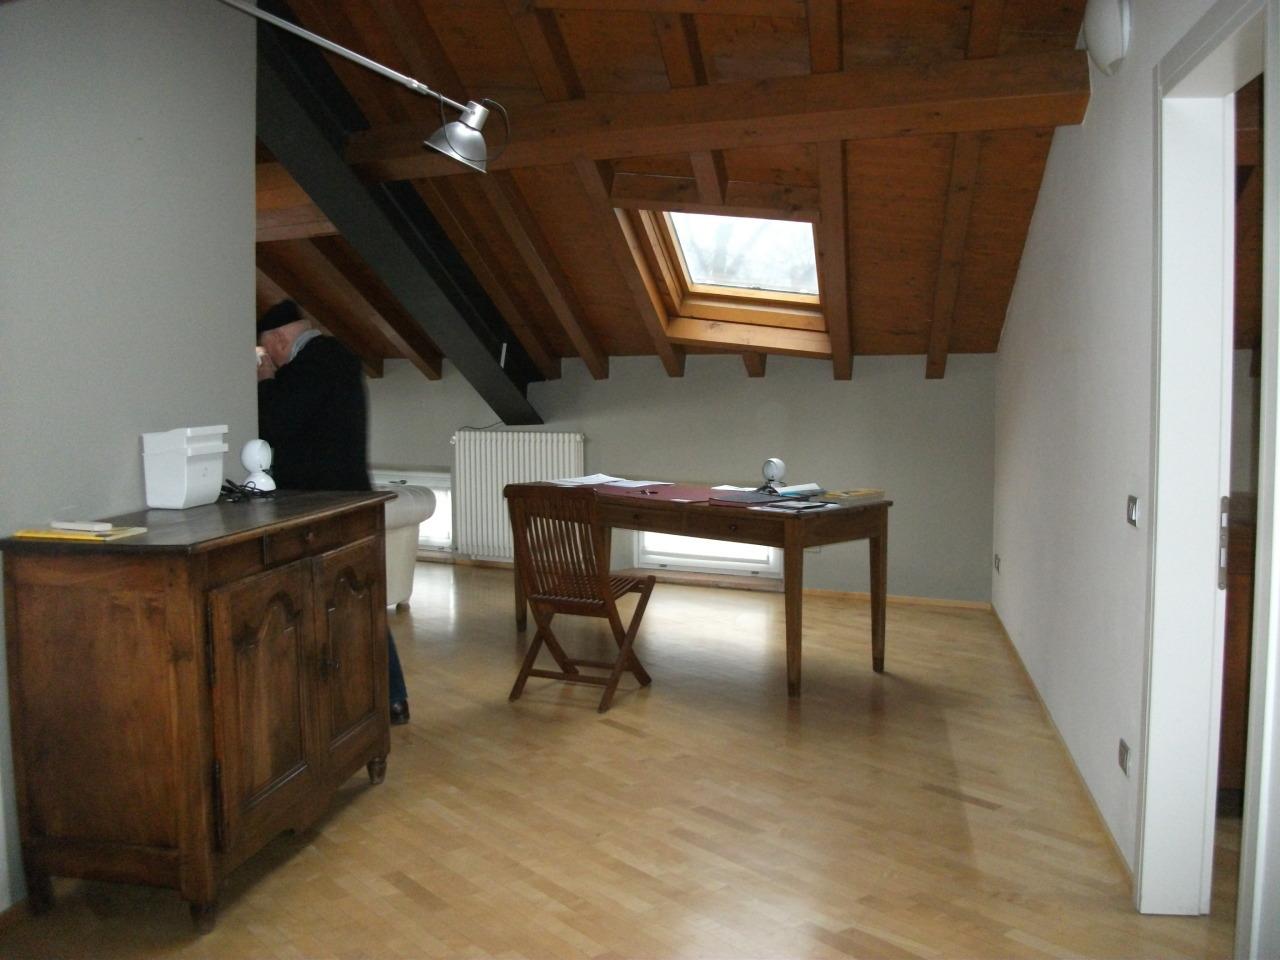 Trilocale 2 camere in affitto reggio nell 39 emilia reggio for Affitto appartamento arredato reggio emilia